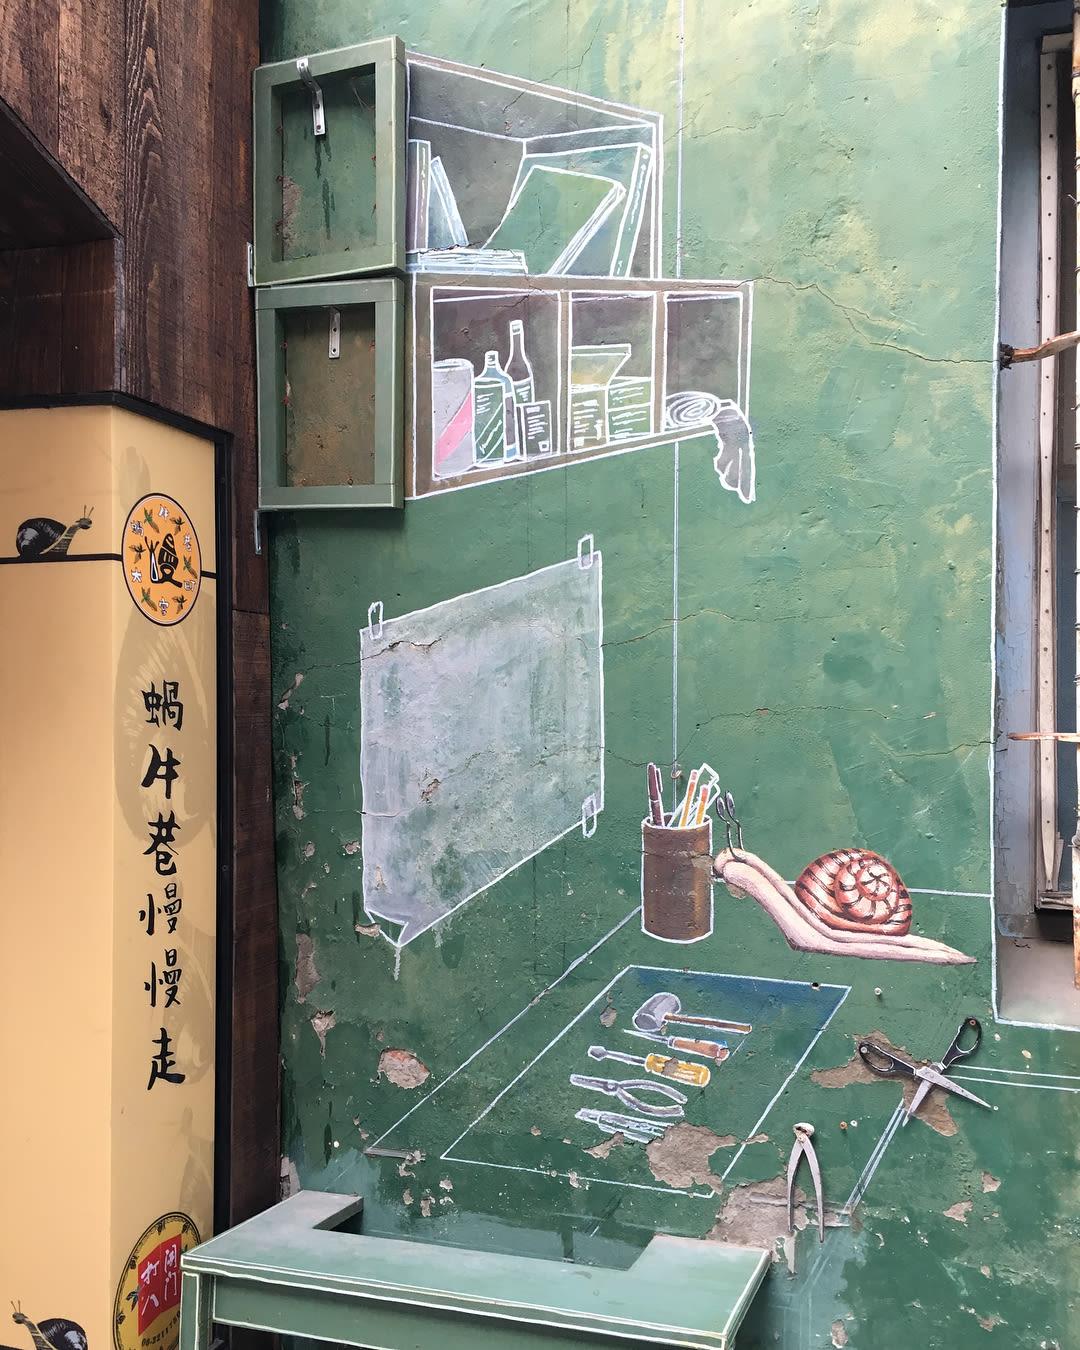 漫步蝸牛巷,回味老台南的舊時光。(圖片來源/Instagram-leo_yx)